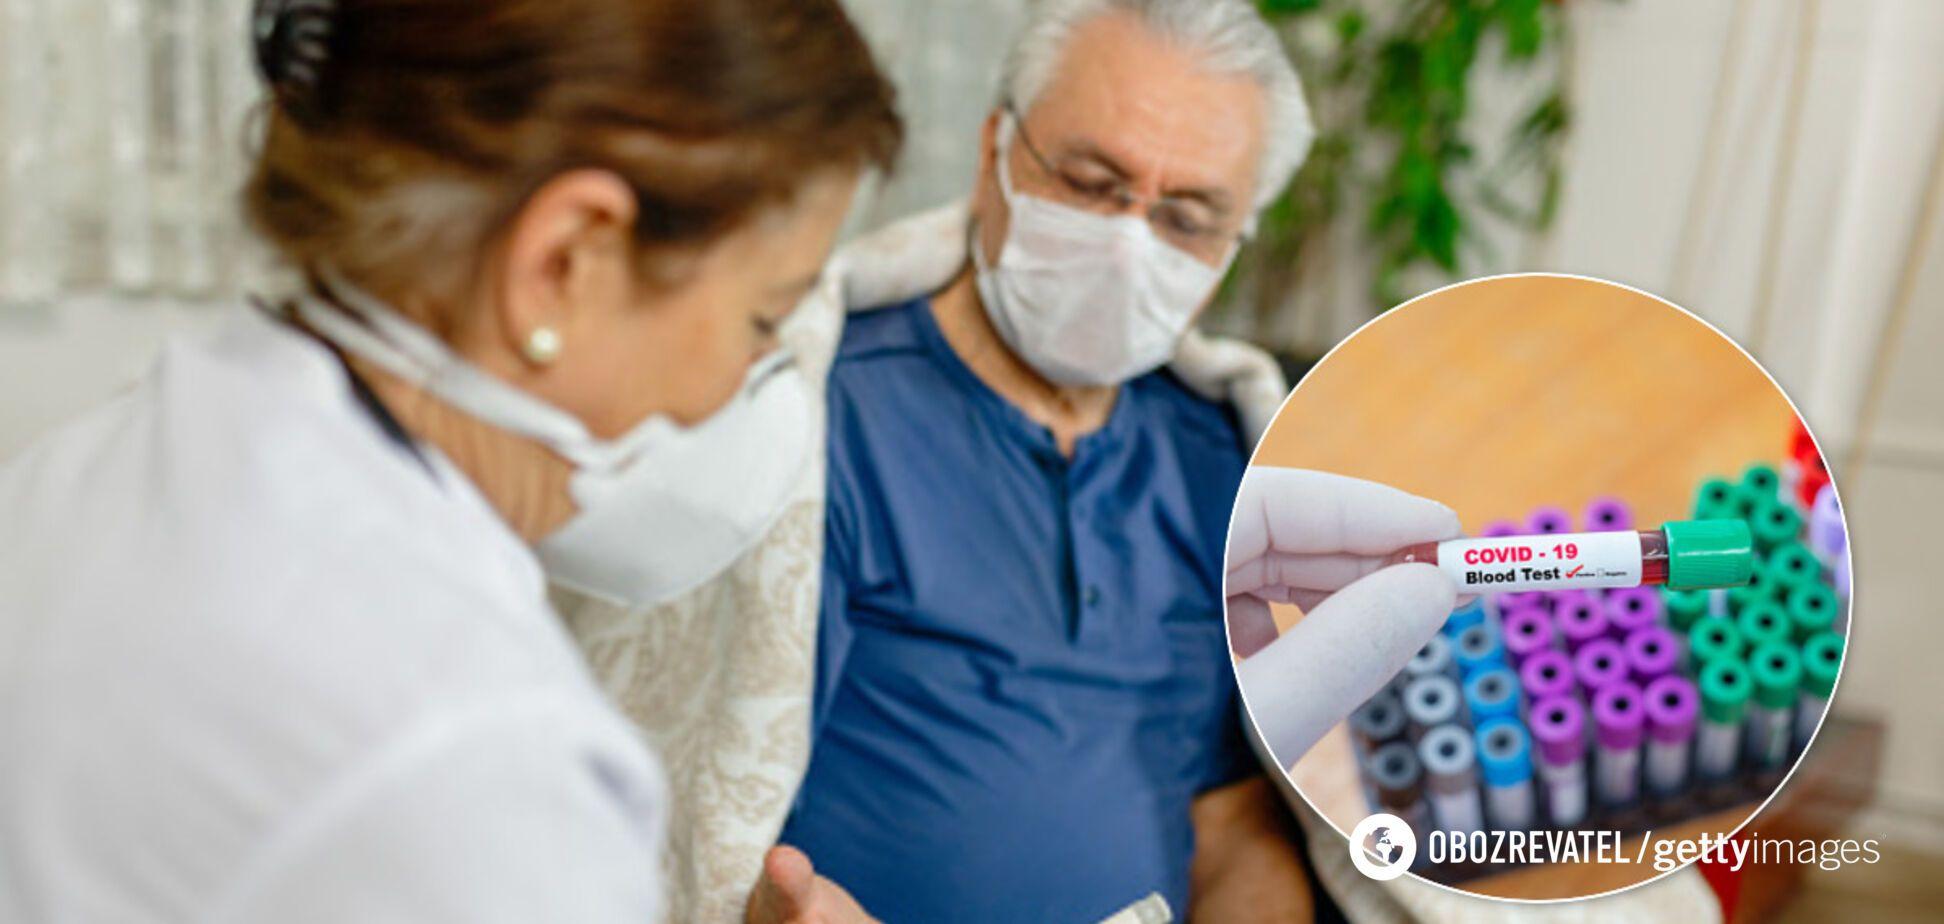 COVID-19 сприяє розвитку нової хвороби: вчені зробили відкриття